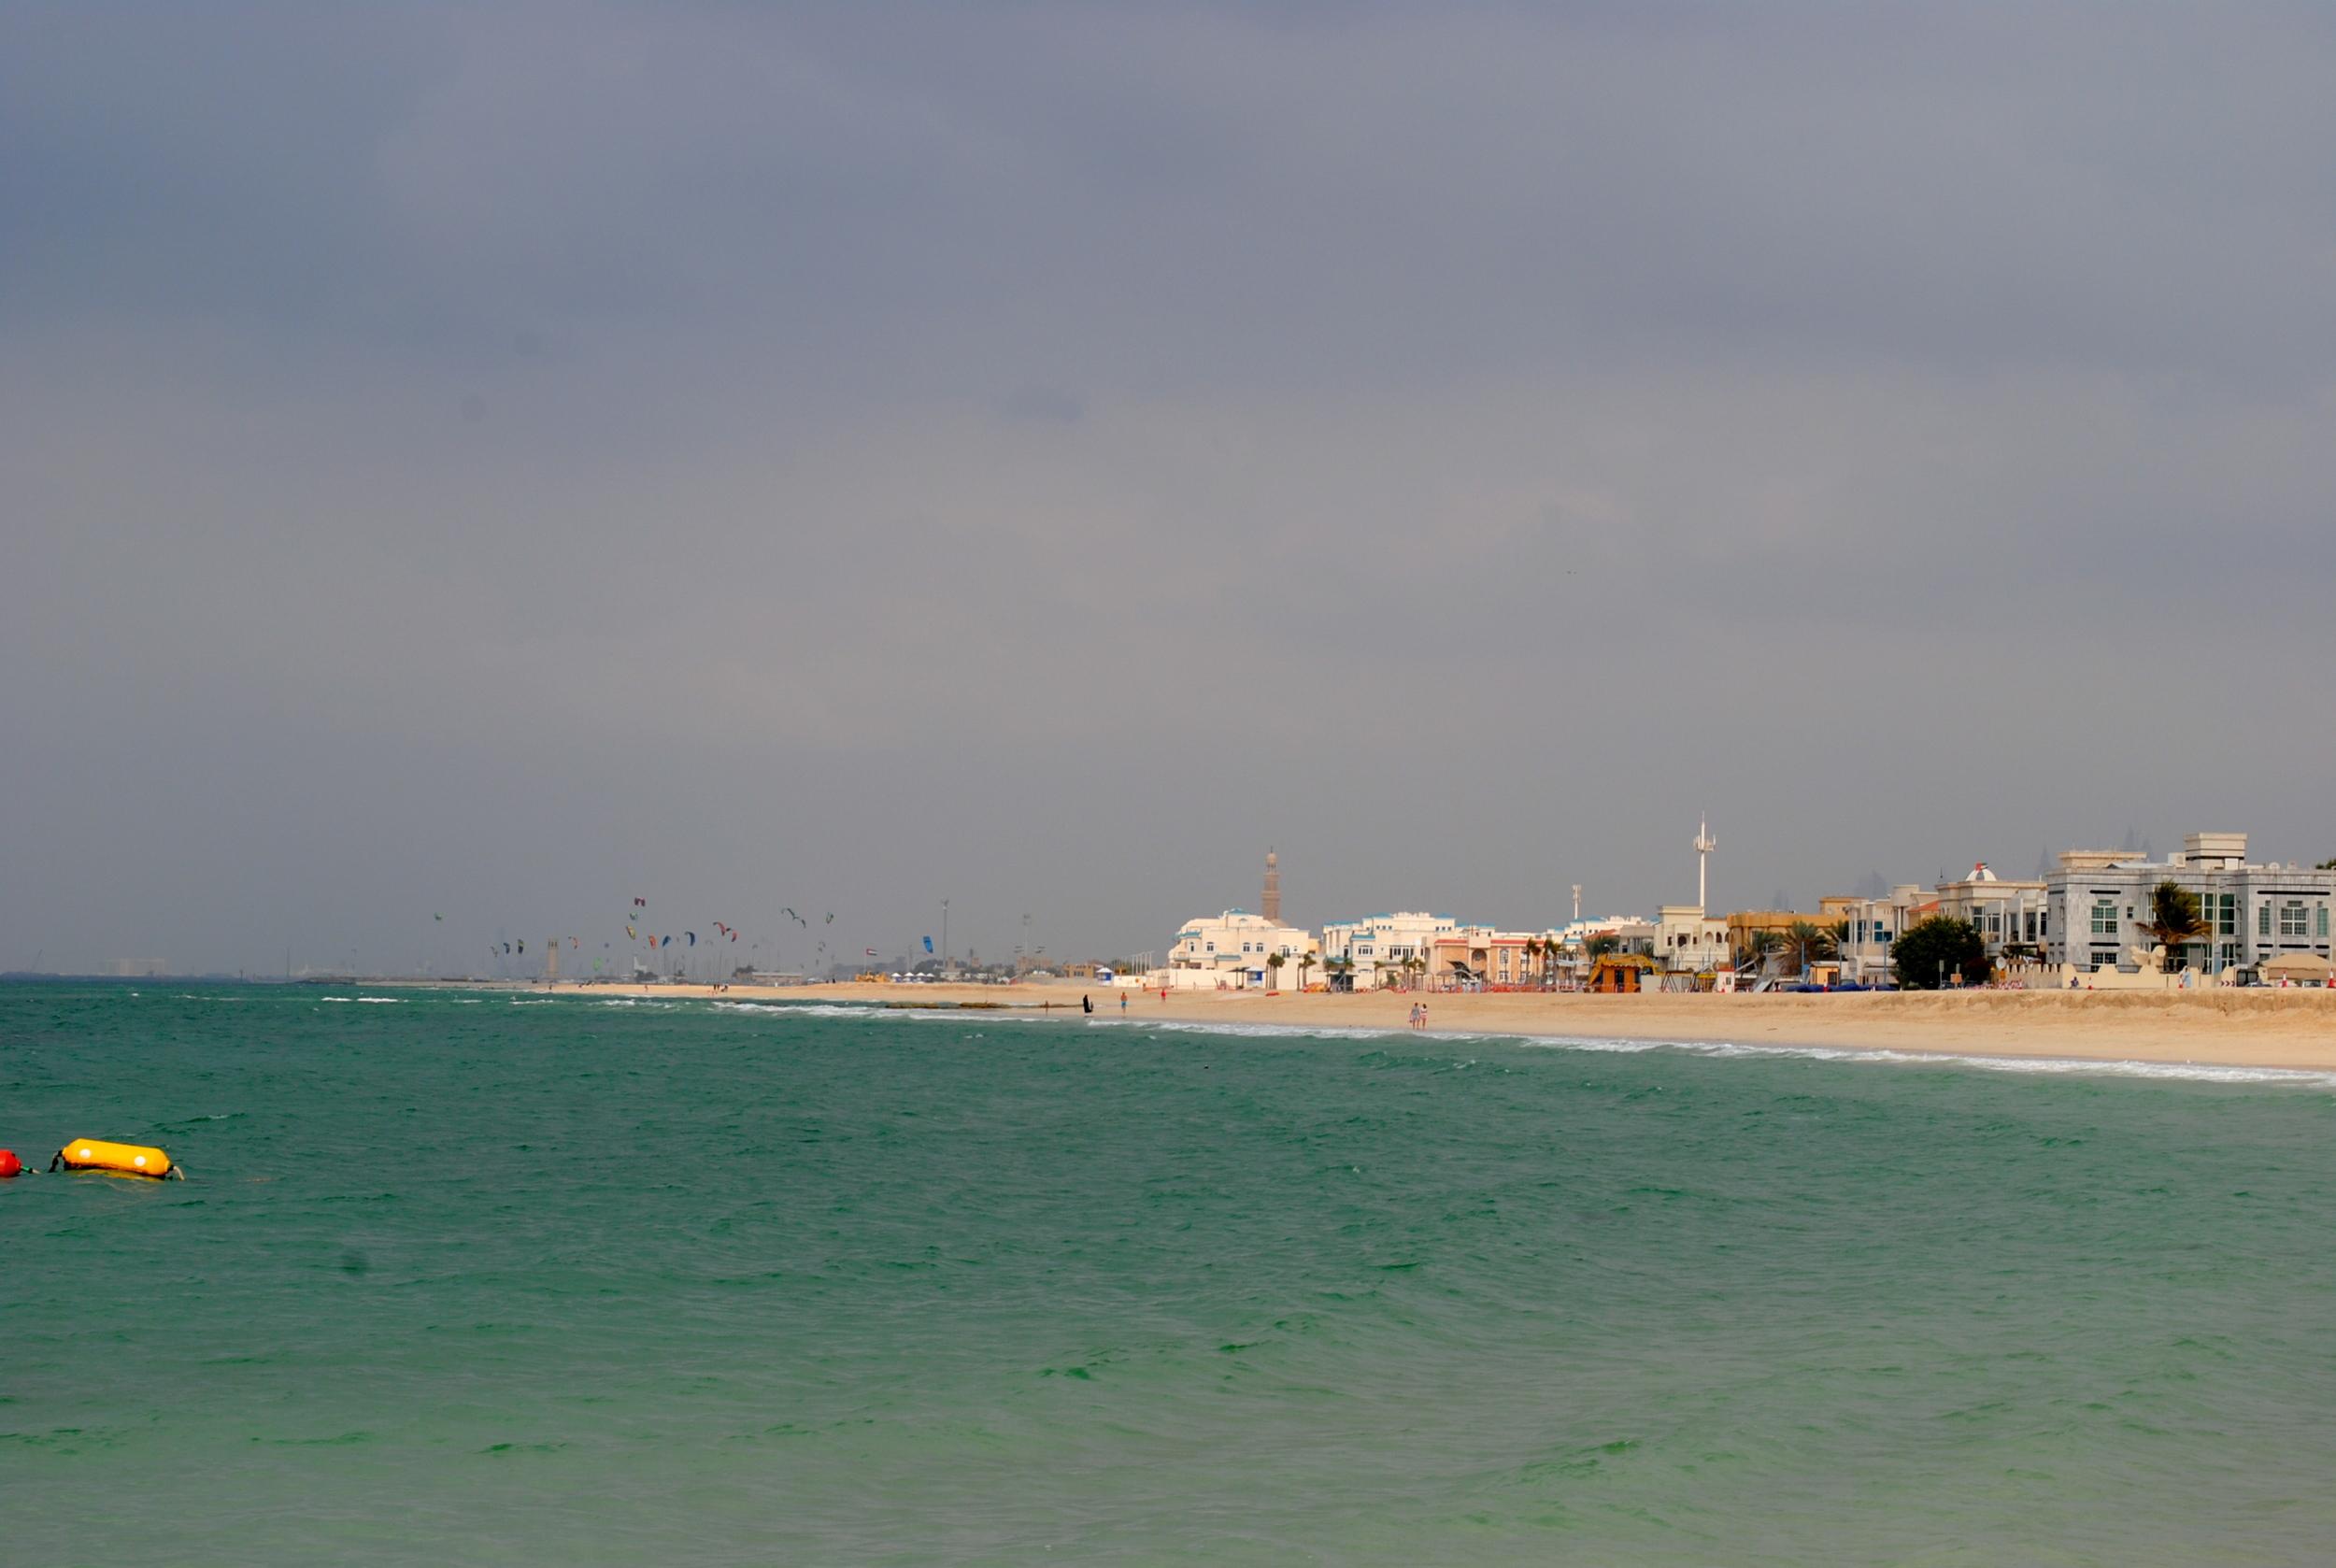 Kite Surfers' Paradise